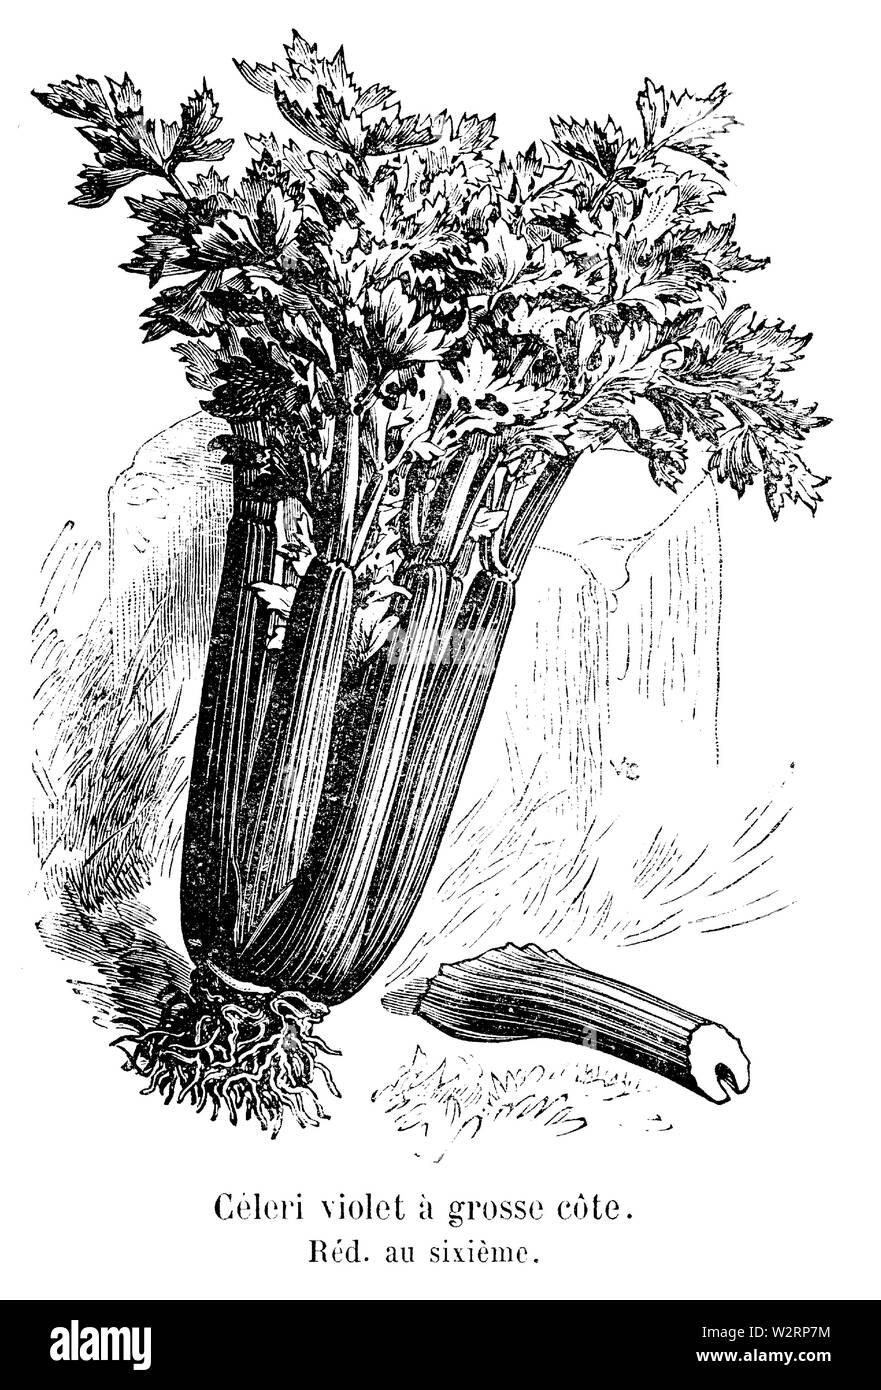 Céleri violet à grosse côte Vilmorin-Andrieux 1904 - Stock Image